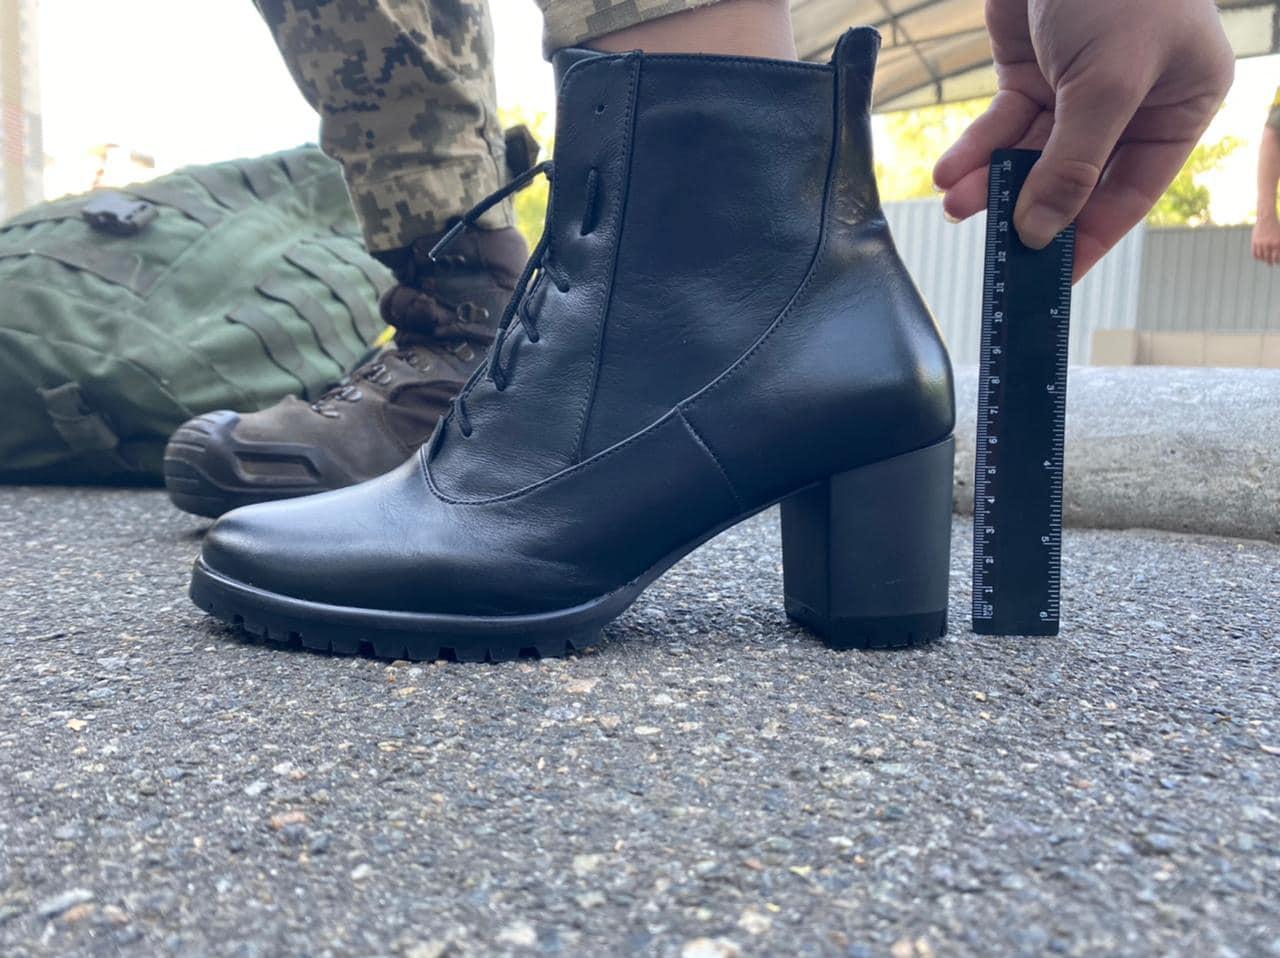 Минобороны решило изменить парадные ботинки курсанток после скандала с каблуками (видео)